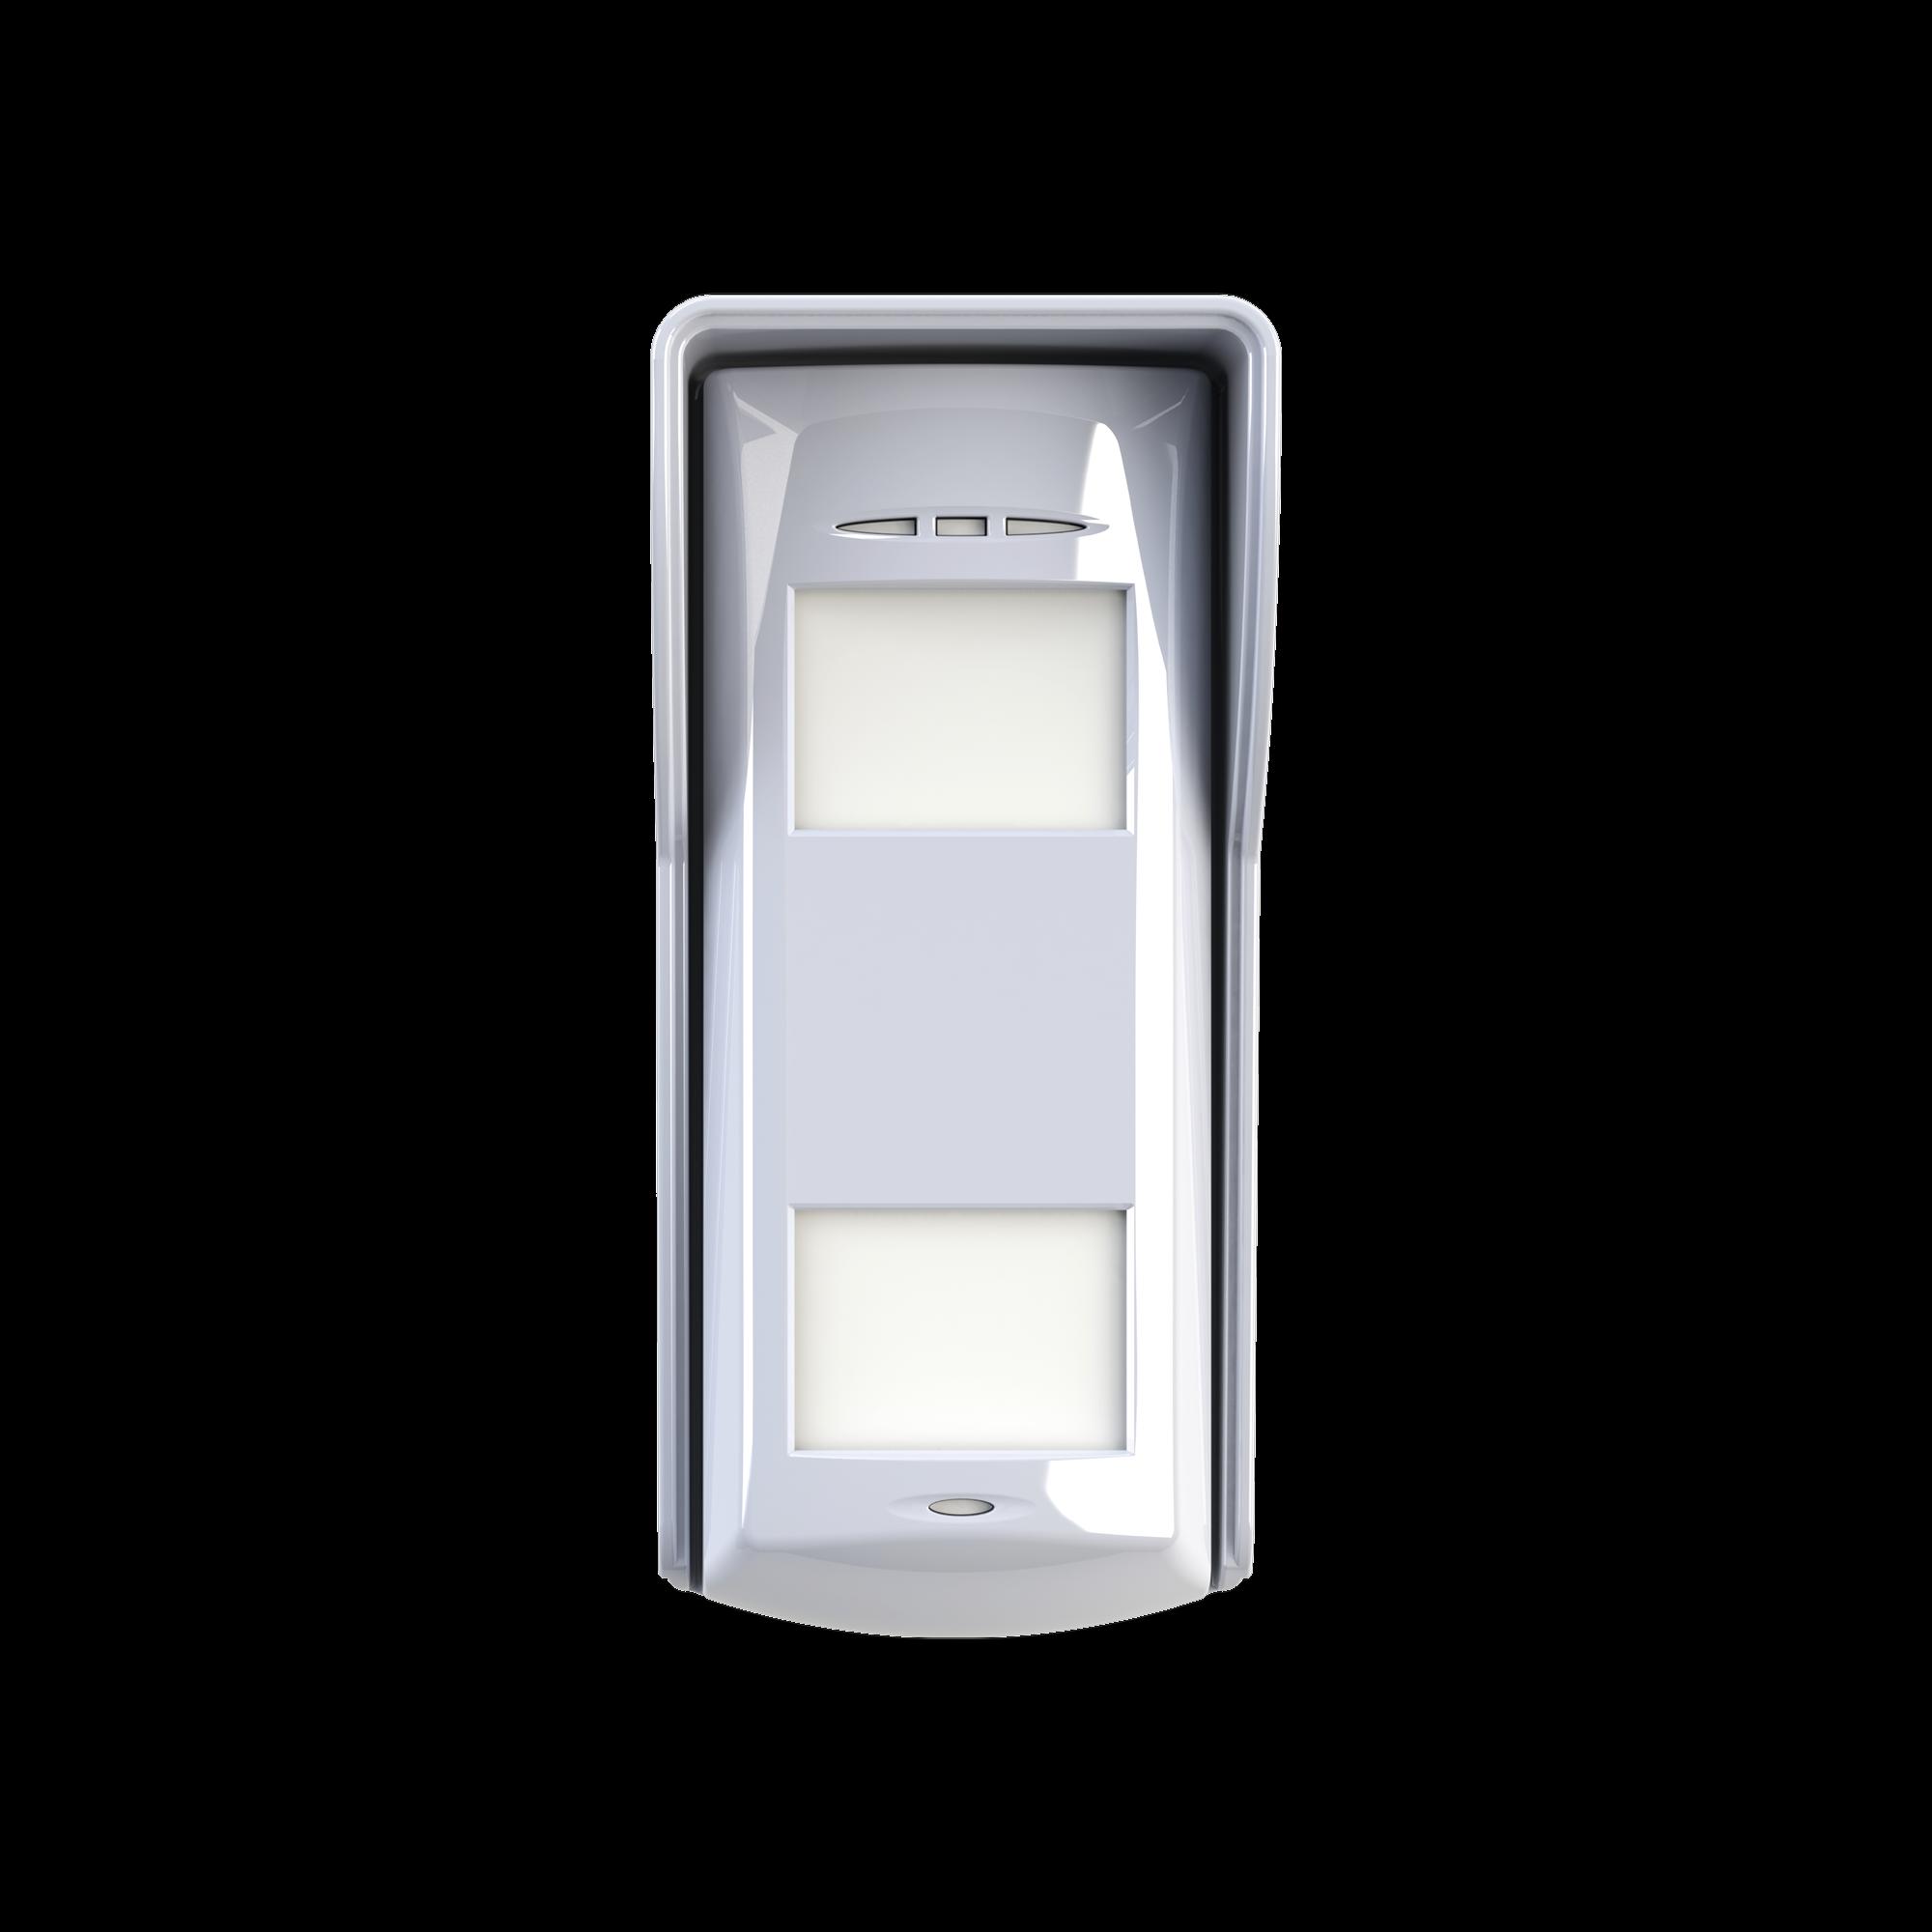 (AX HUB) Detector Dual-Tech inalámbrico para exterior compatible con alarmas HIKVISION